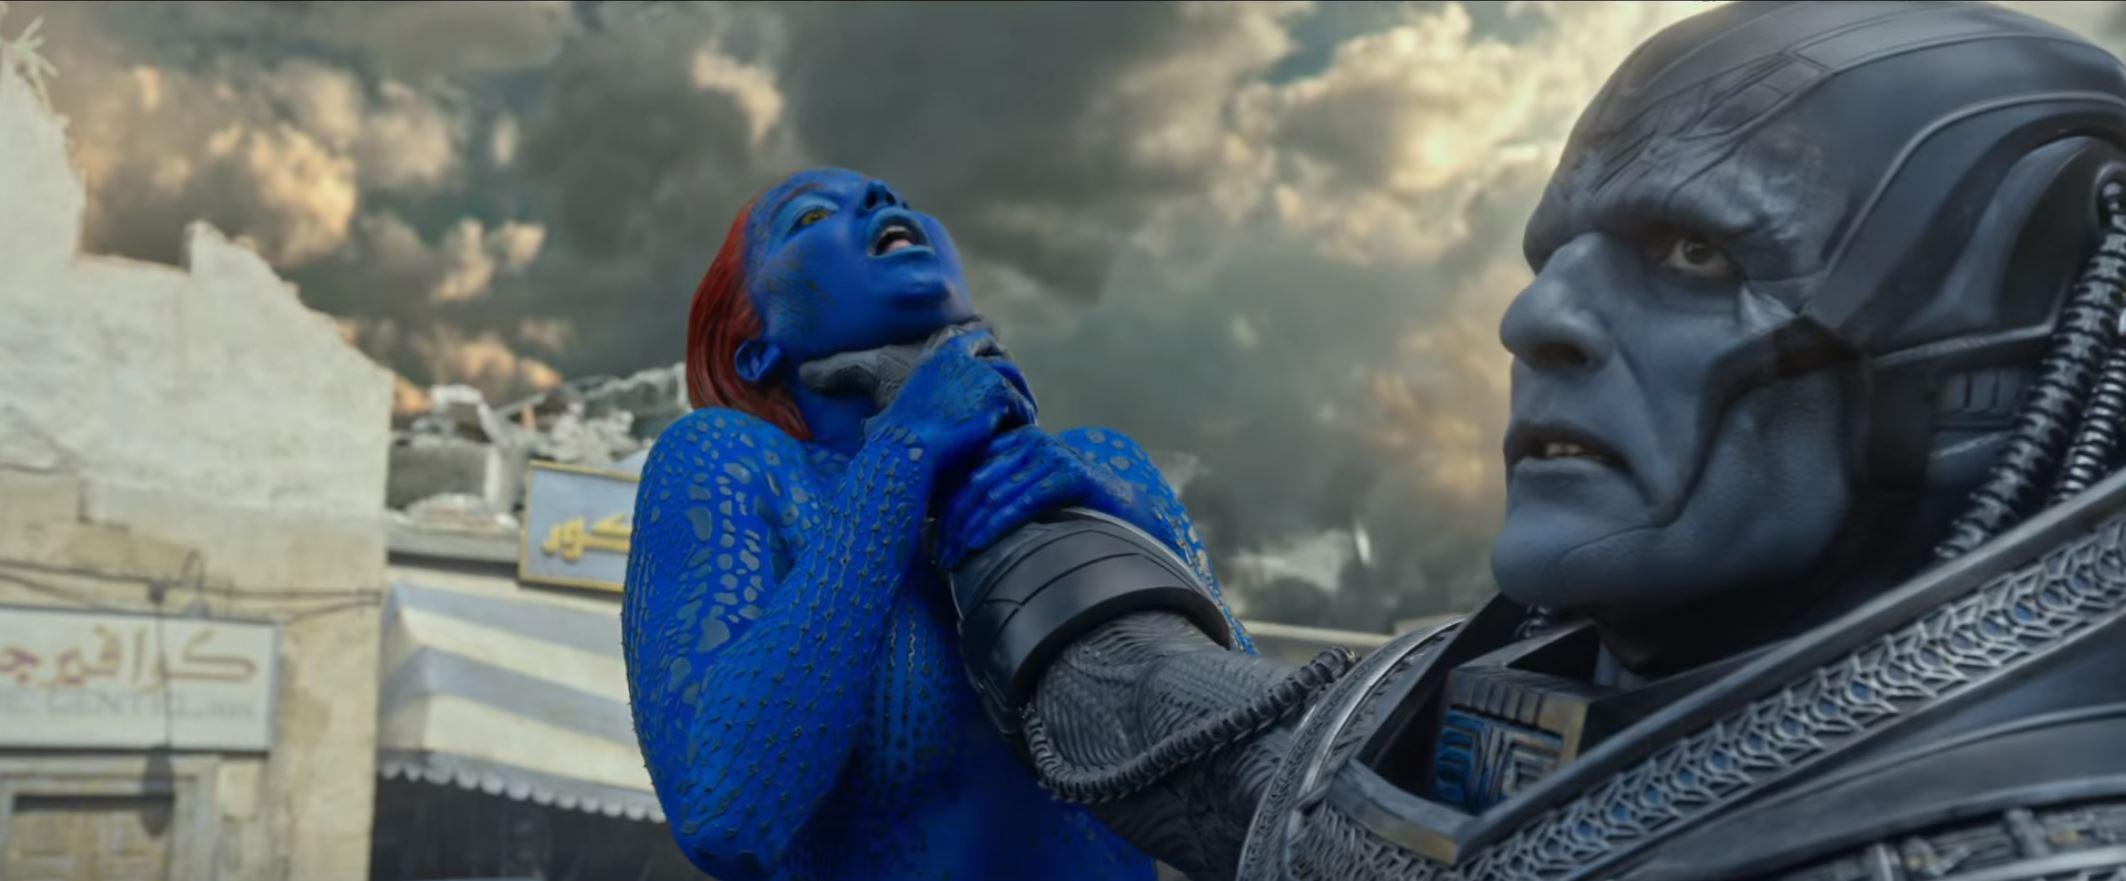 Super Bowl Rerun: X-Men Apocalypse